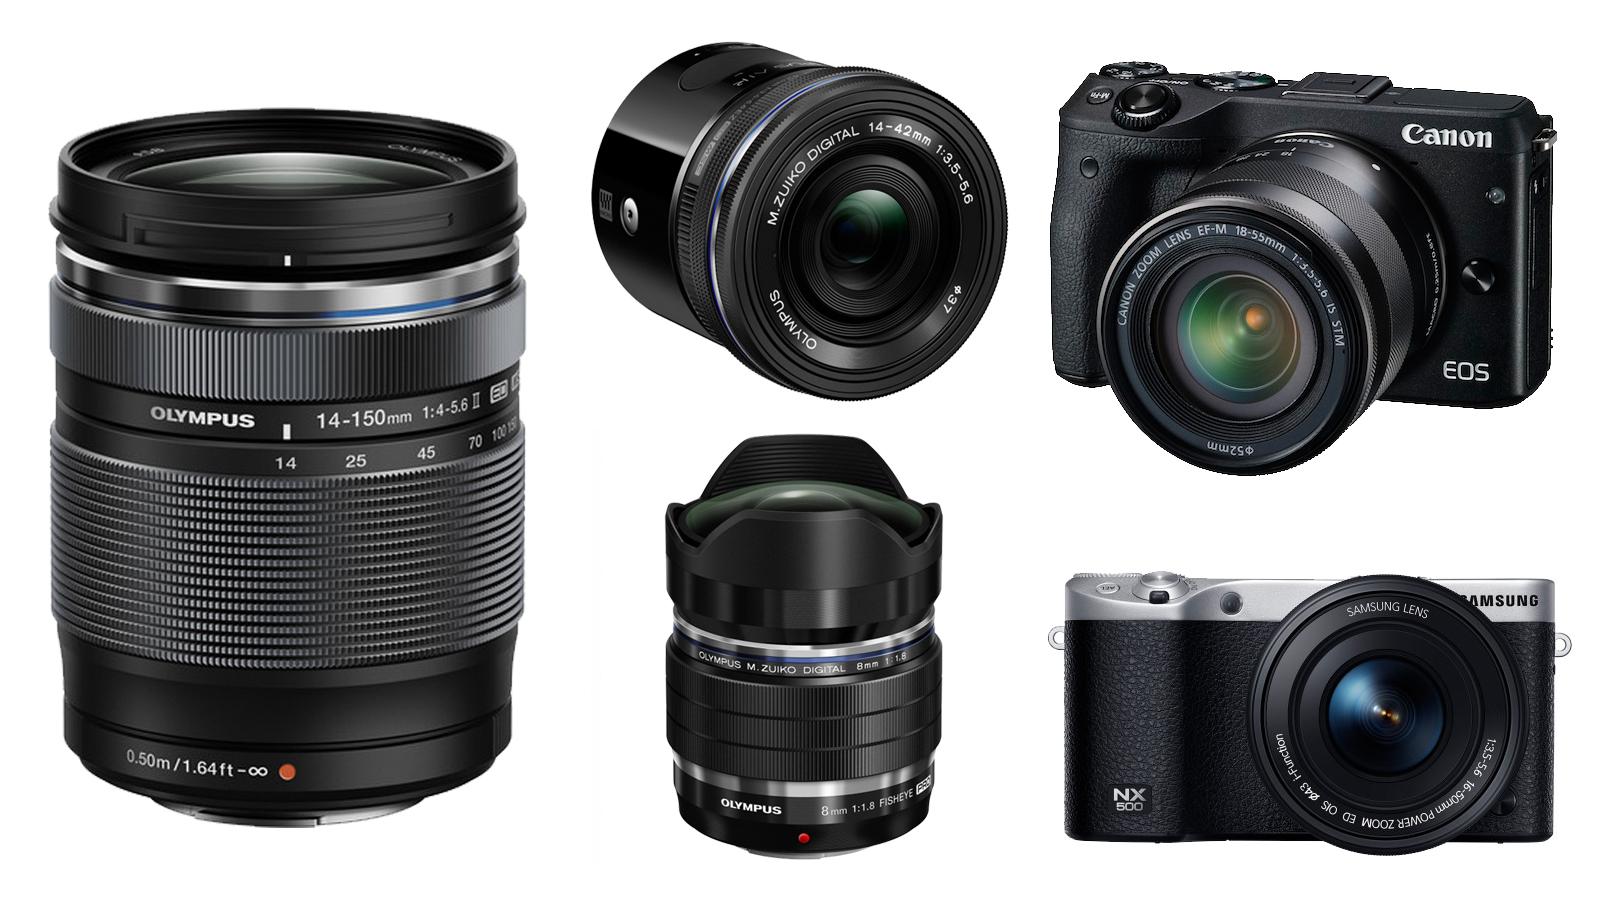 olympus-air-a01-canon-eos-m3-samsung-nx500-mzuiko-8mm-fisheye